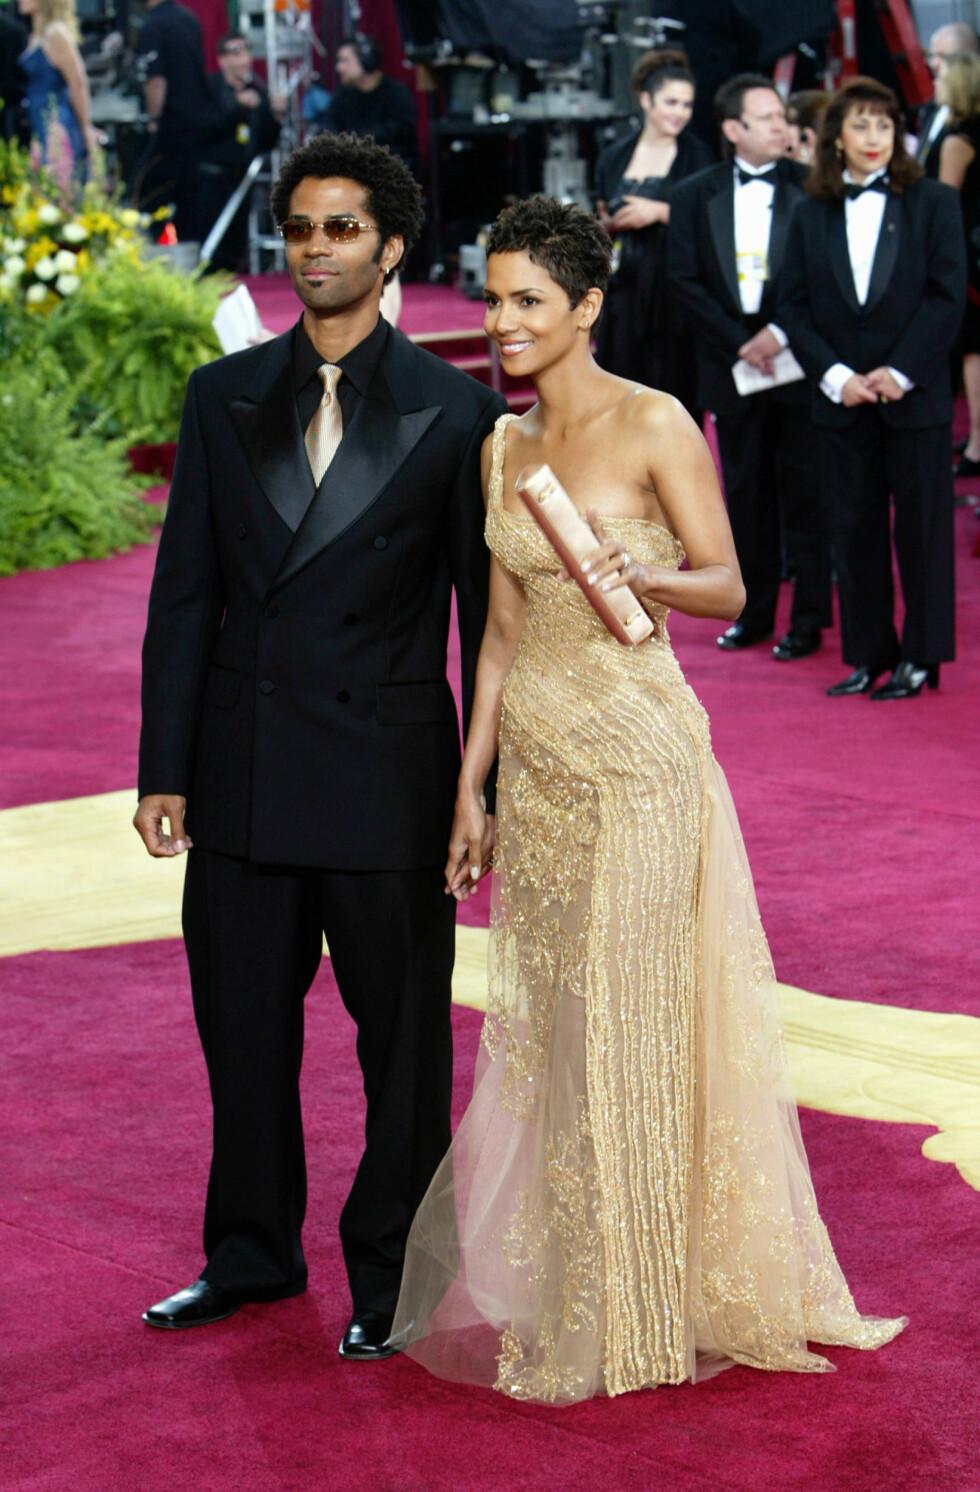 BRUDD ETTER OSCAR: Halle Berry og Eric Benet. Foto: All Over Press